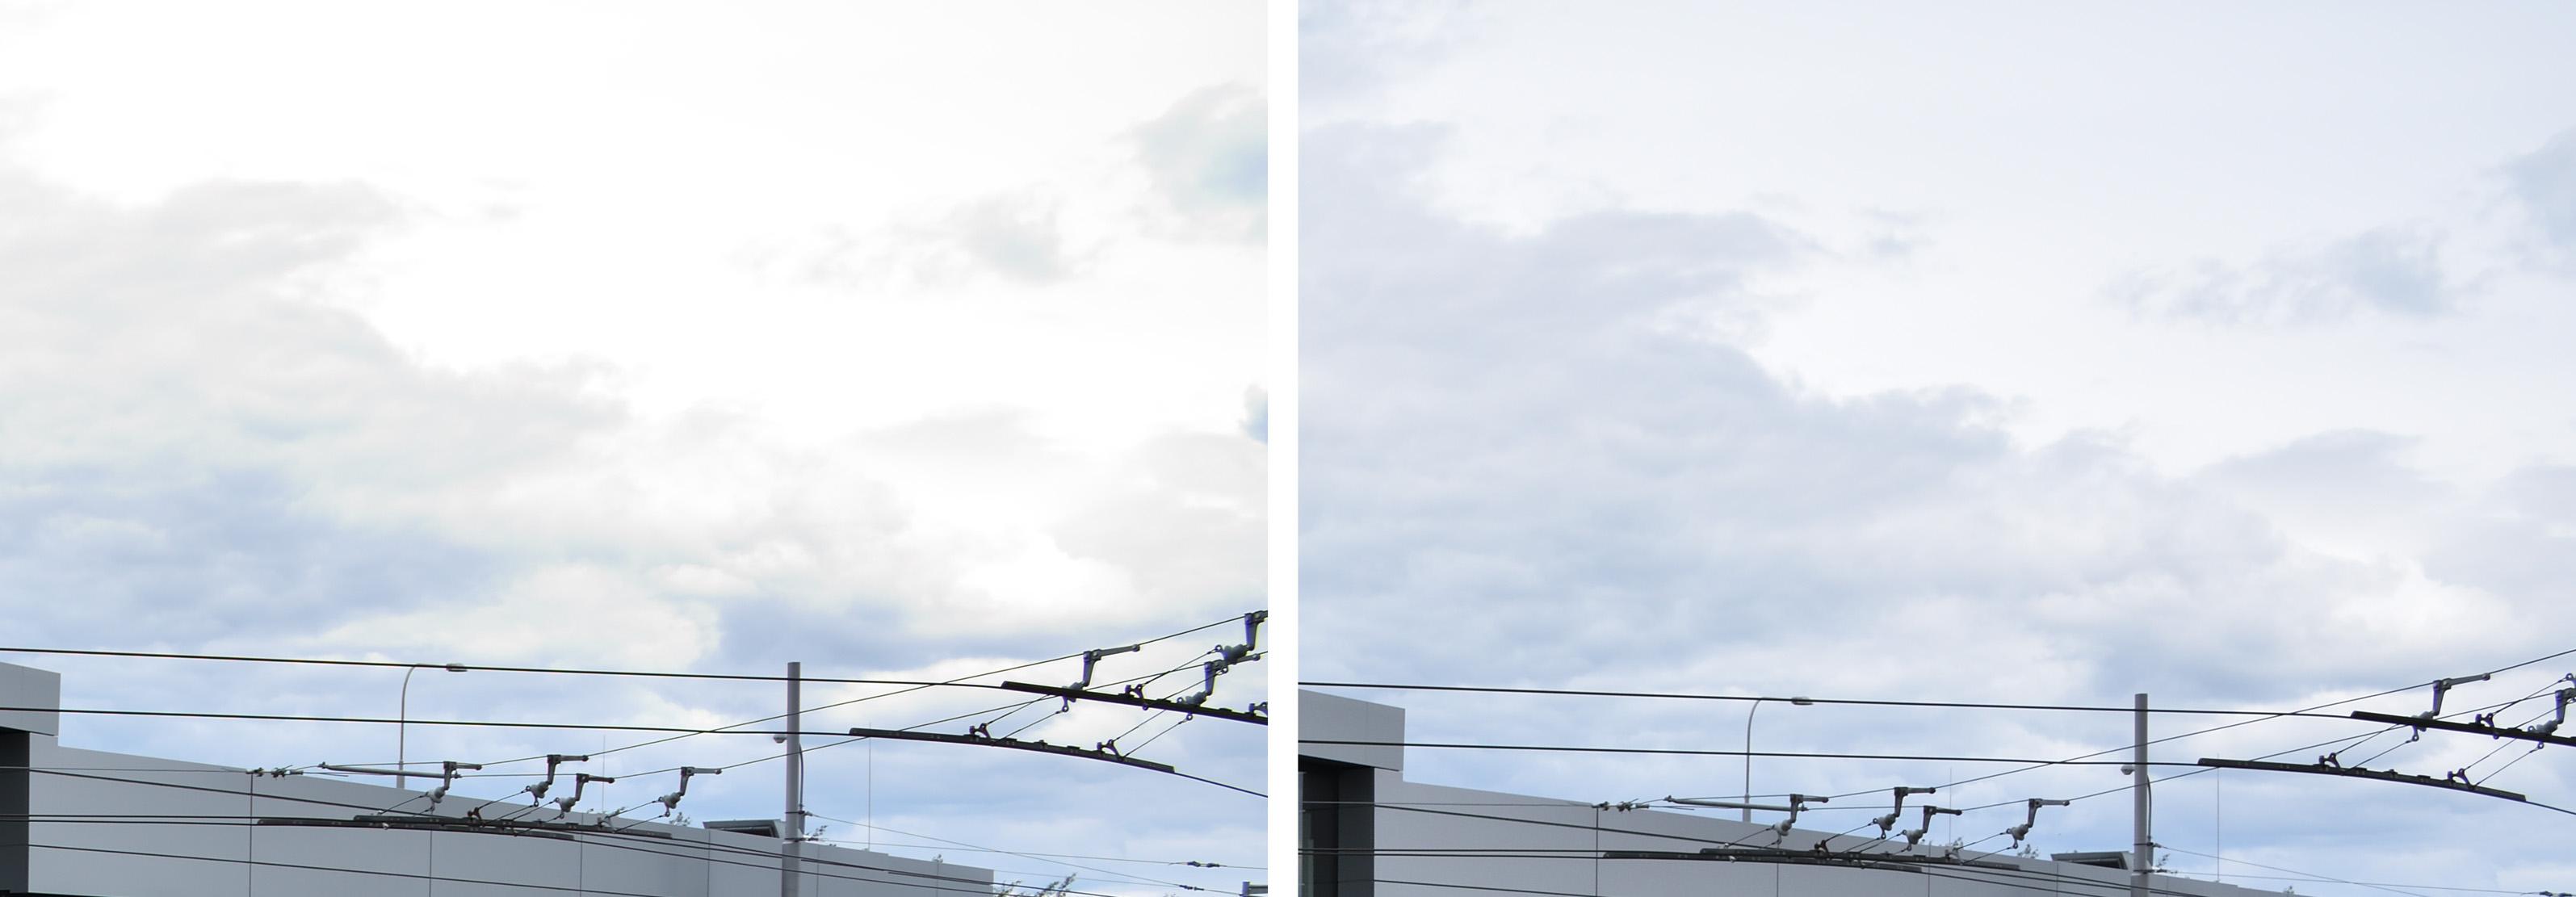 Srovnání detailu pravé horní části oblohy. Vlevo upravený přeexponovaný RAW, vpravo korektně exponovaná fotografie.